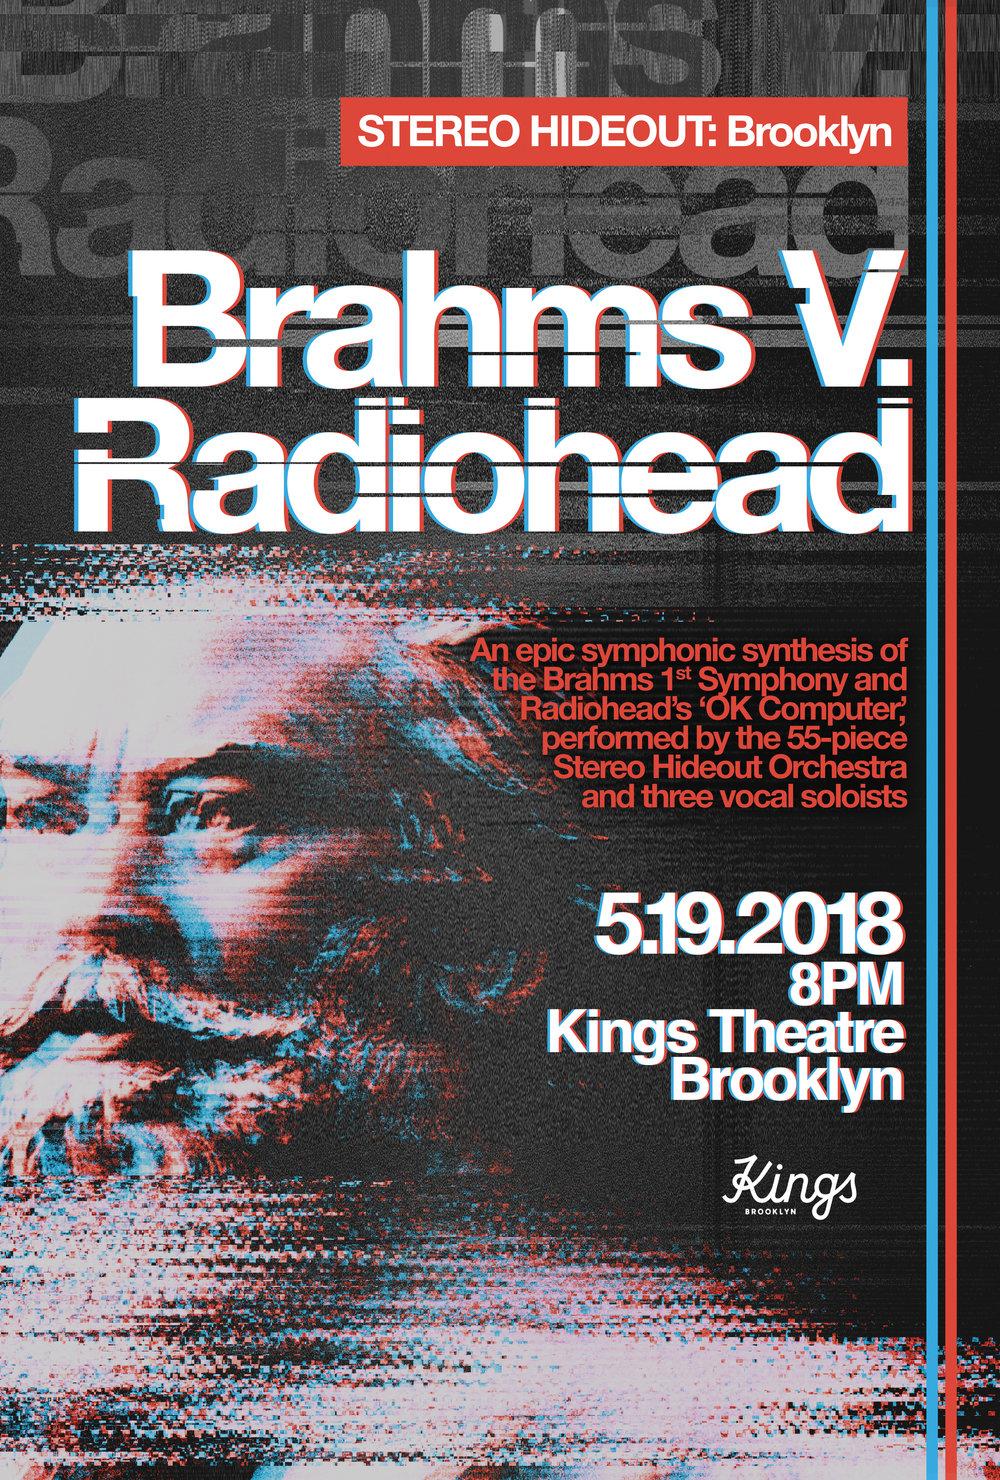 Brahms V Radiohead poster-RGB1.jpg